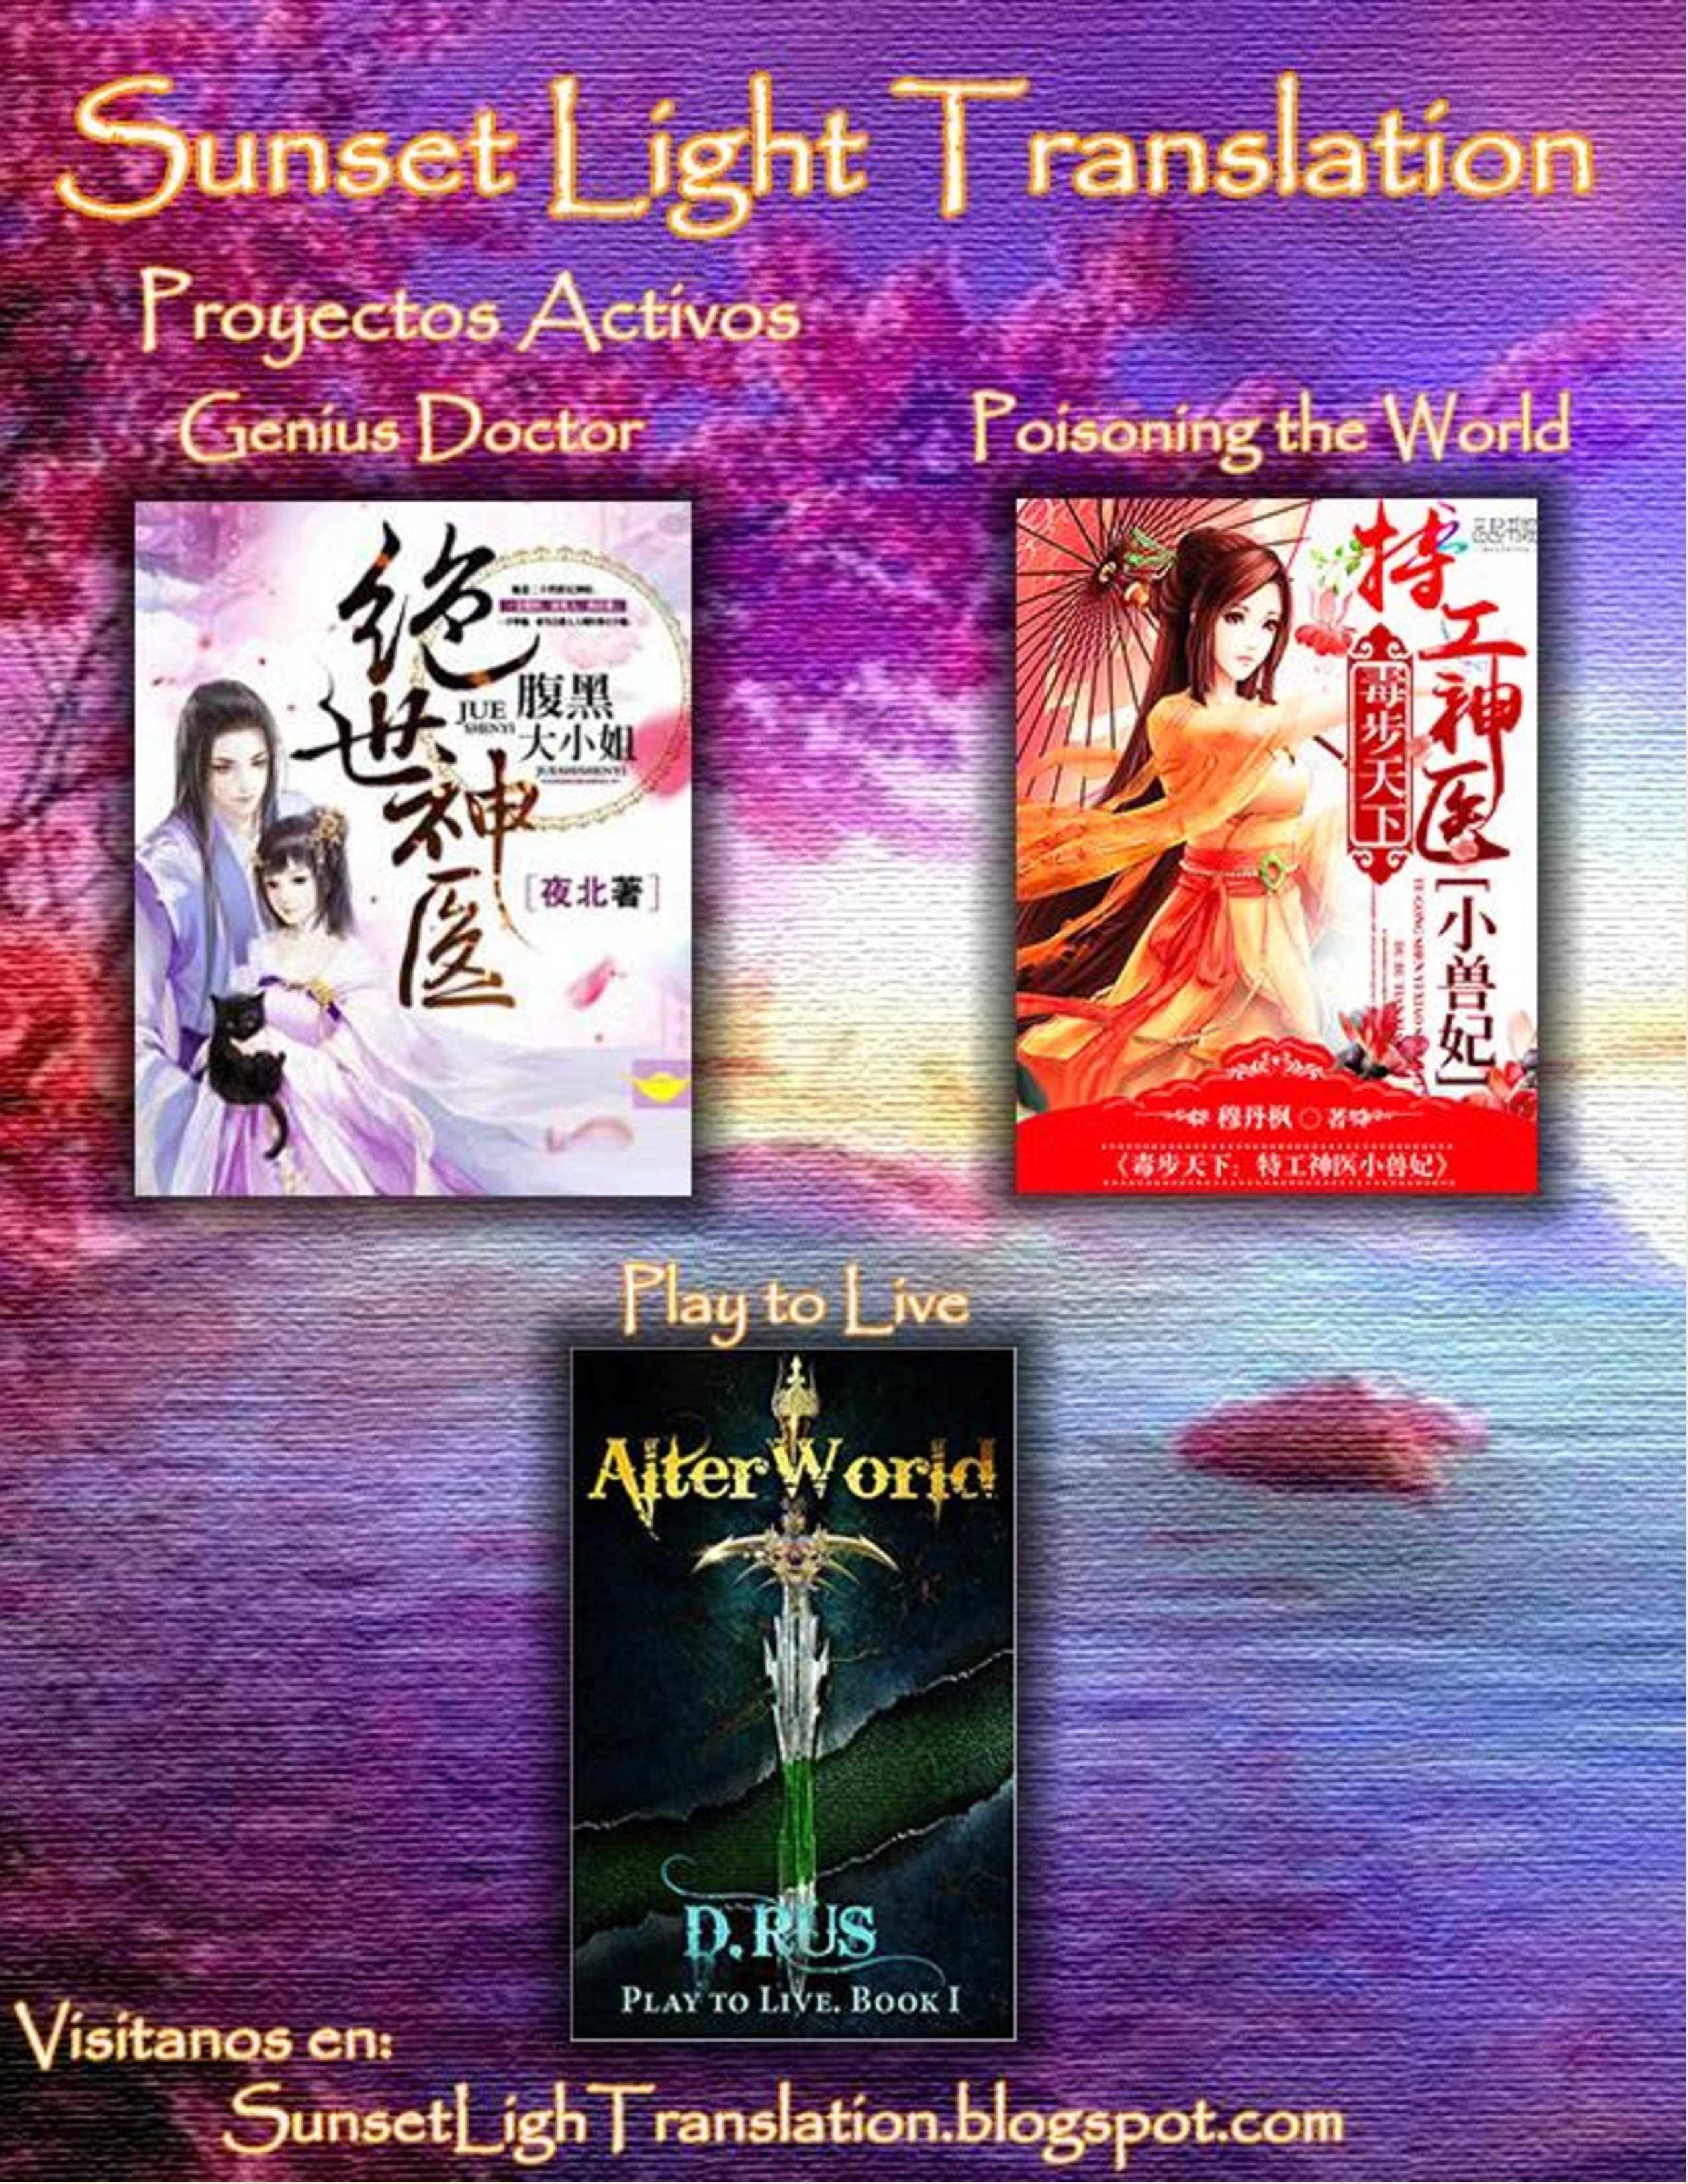 https://c5.ninemanga.com/es_manga/pic2/1/20097/494601/af0aee30550e9546eba4624aedbc0c5c.jpg Page 1